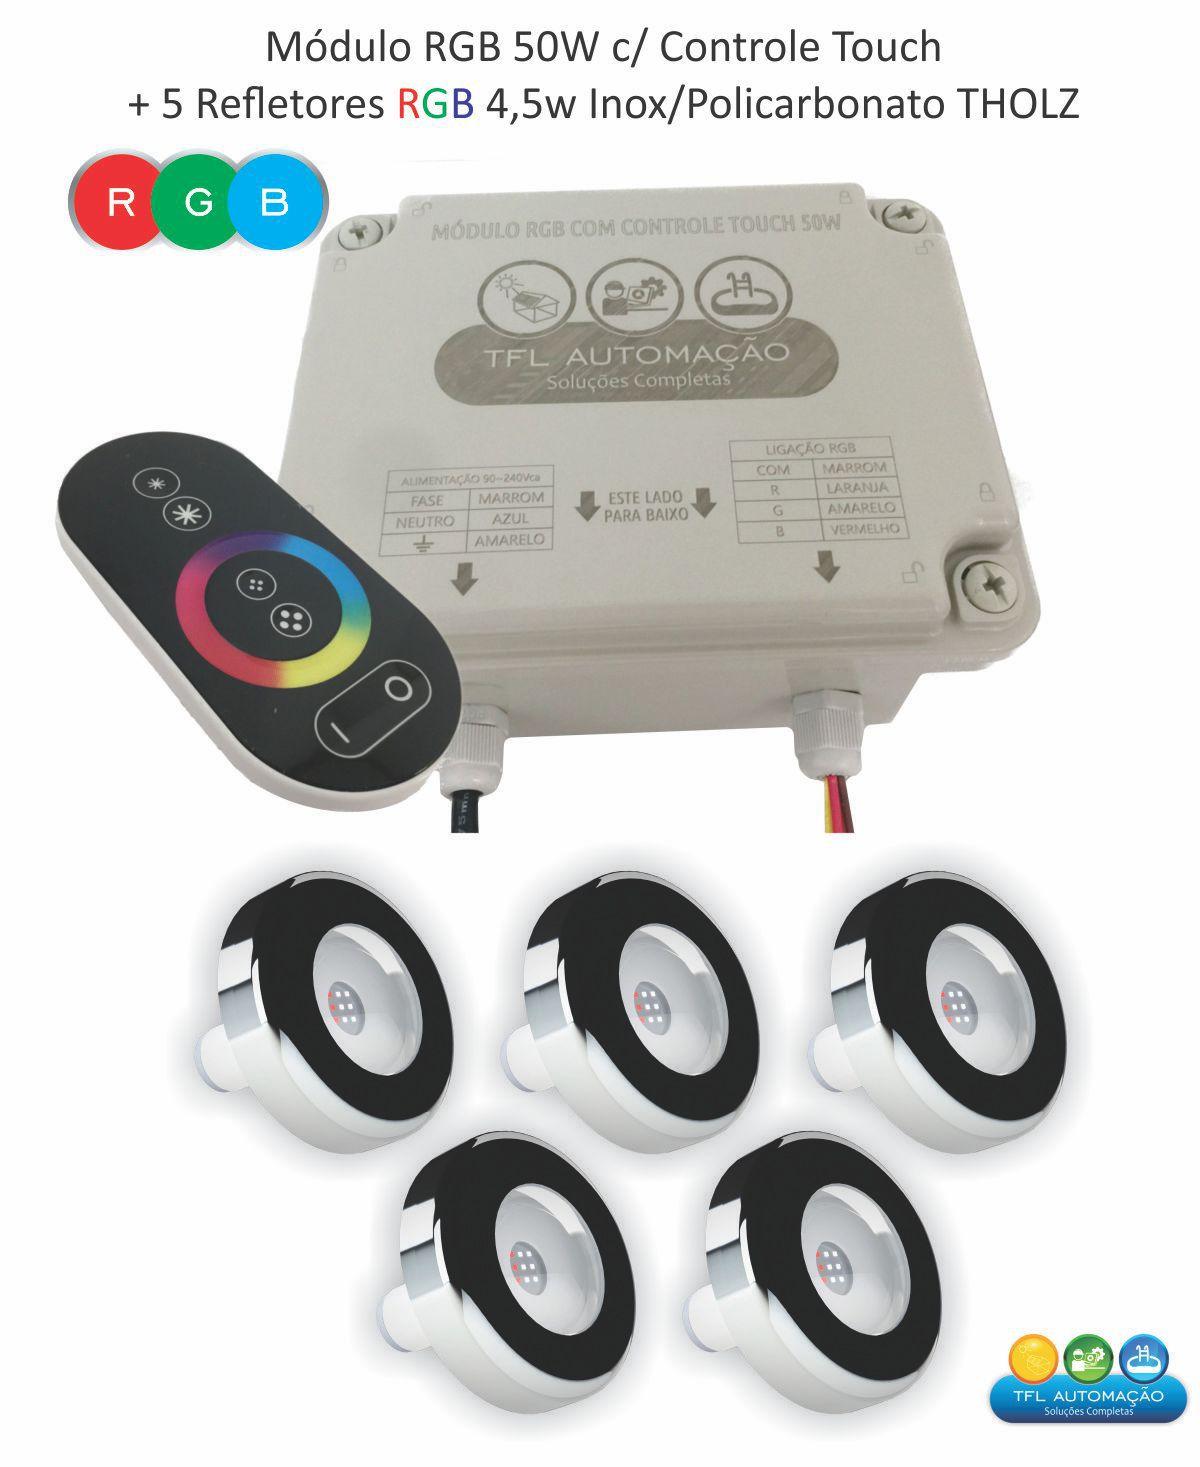 Kit Iluminação Piscina - 5 Leds Rgb 4,5w Tholz Inox + Módulo c/ Controle Touch 50w